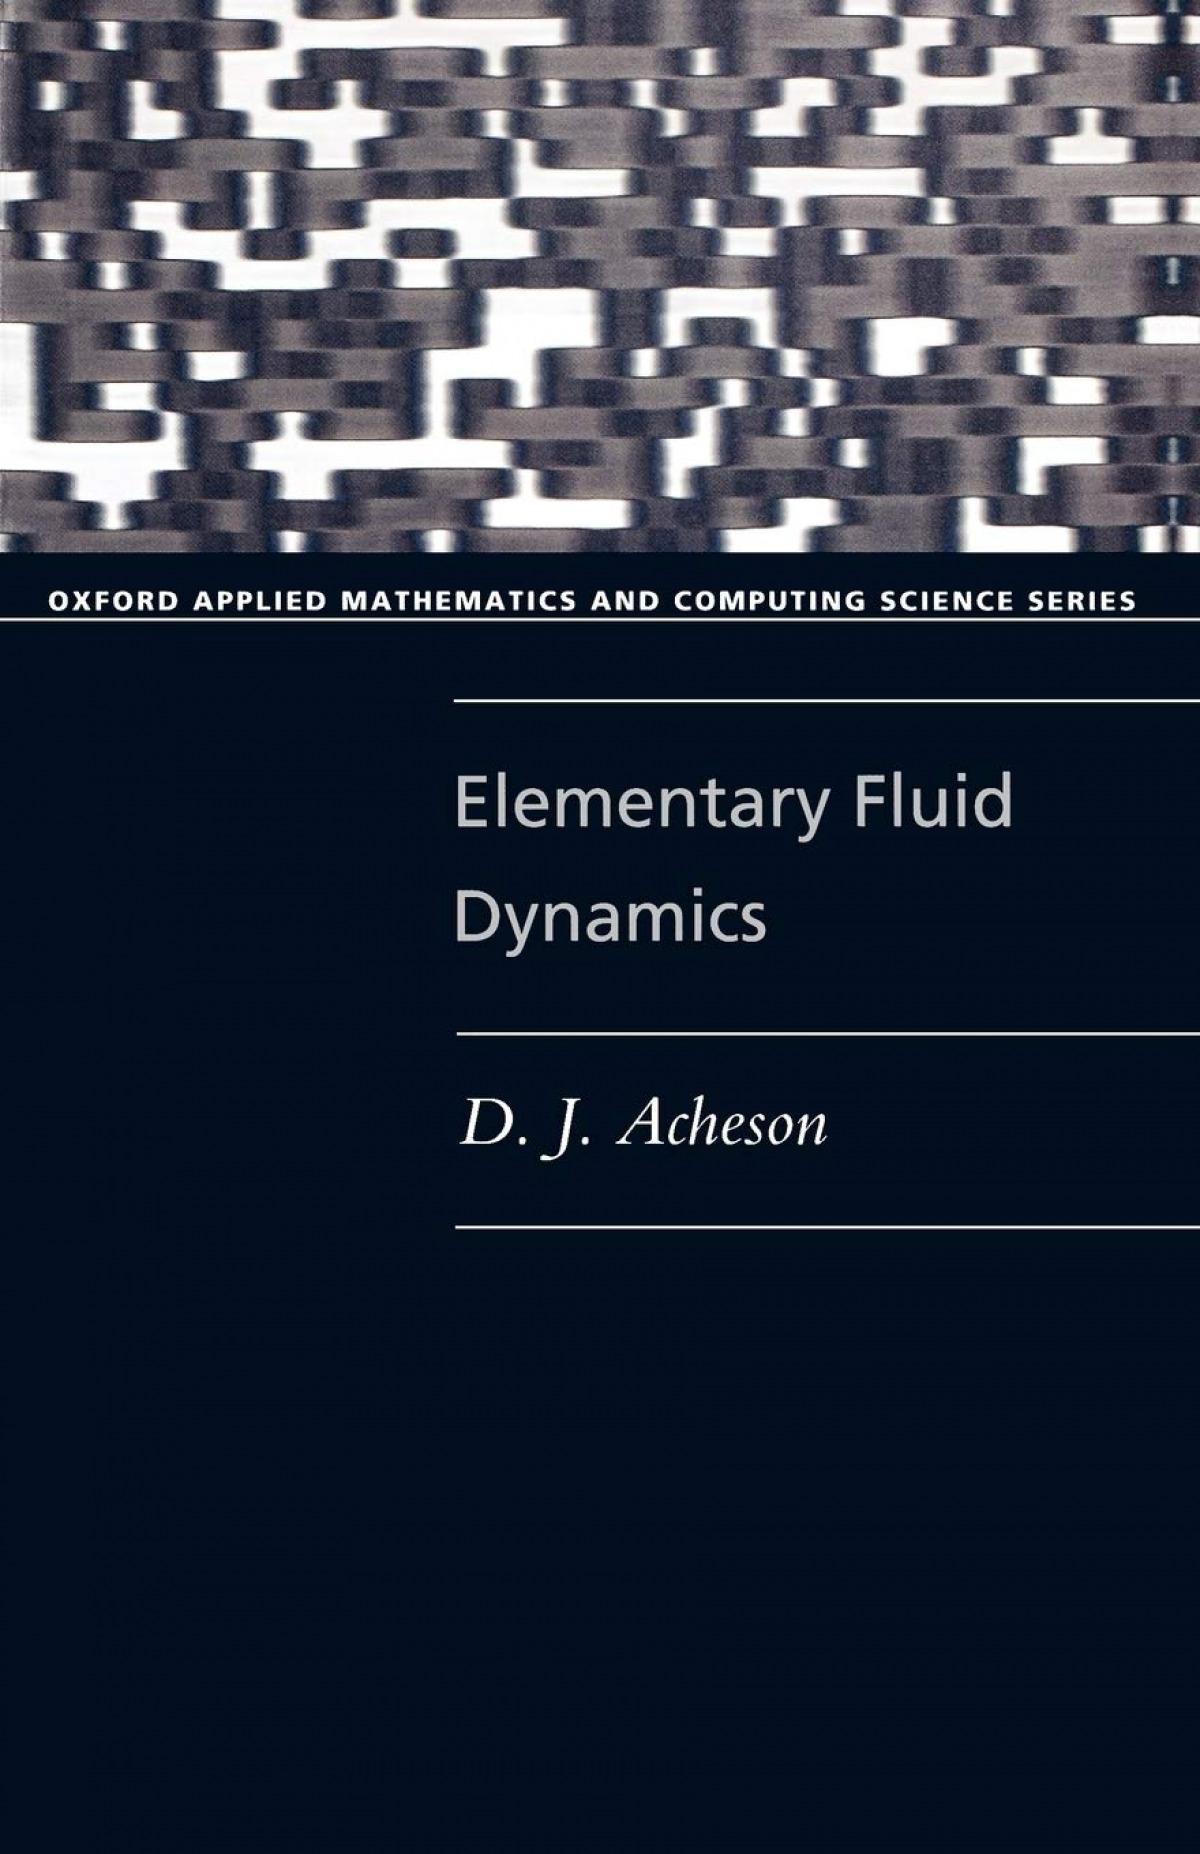 Elementary Fluid Dynamics